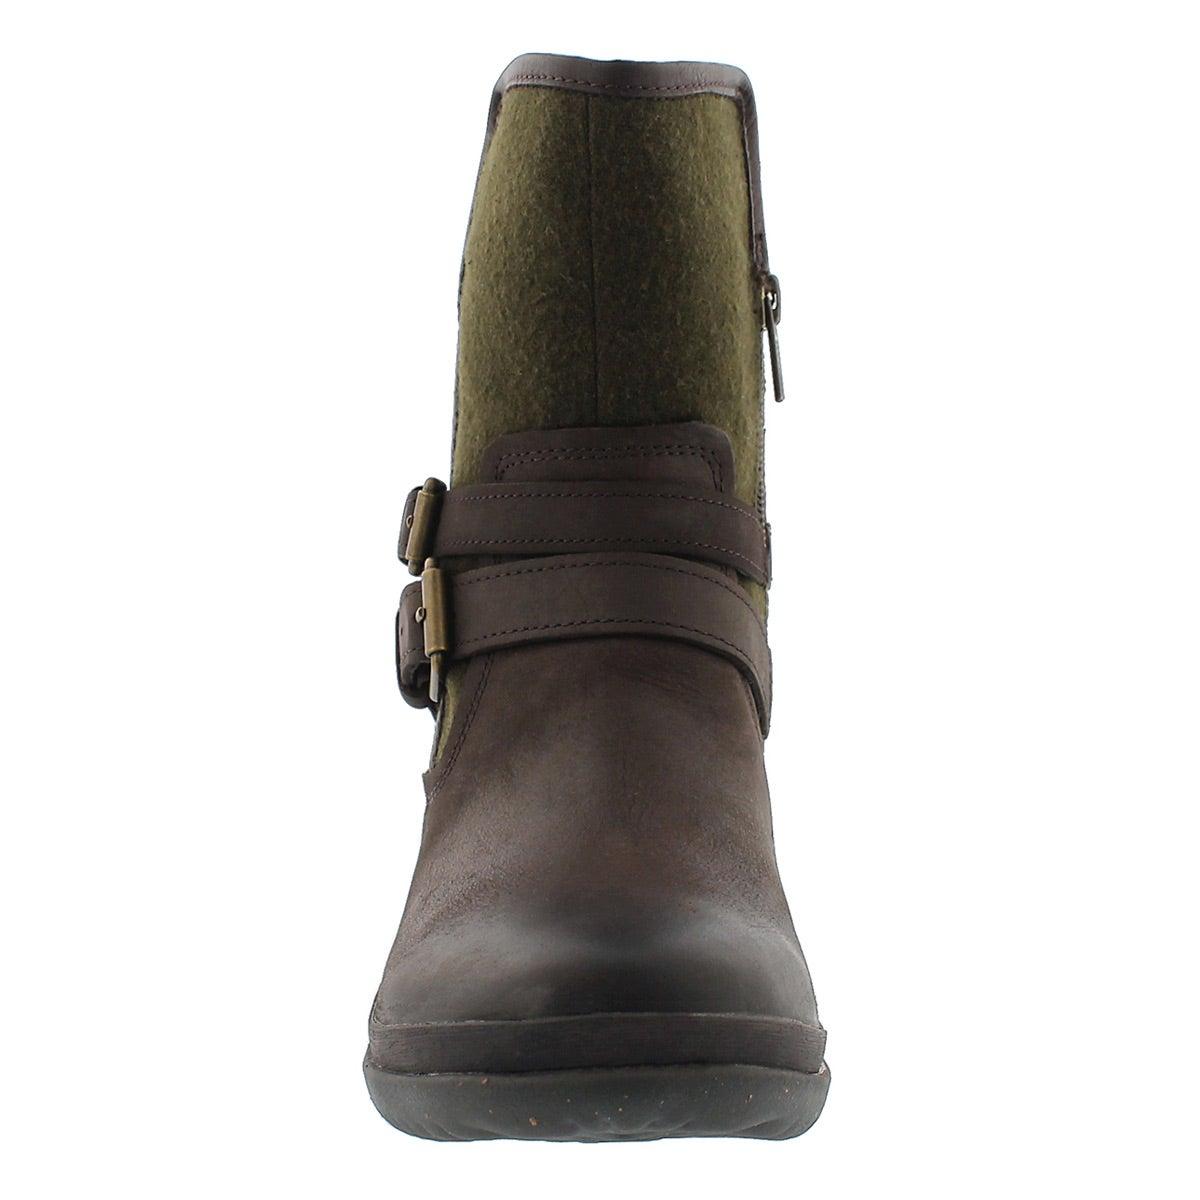 Lds Simmens stout waterproof boot